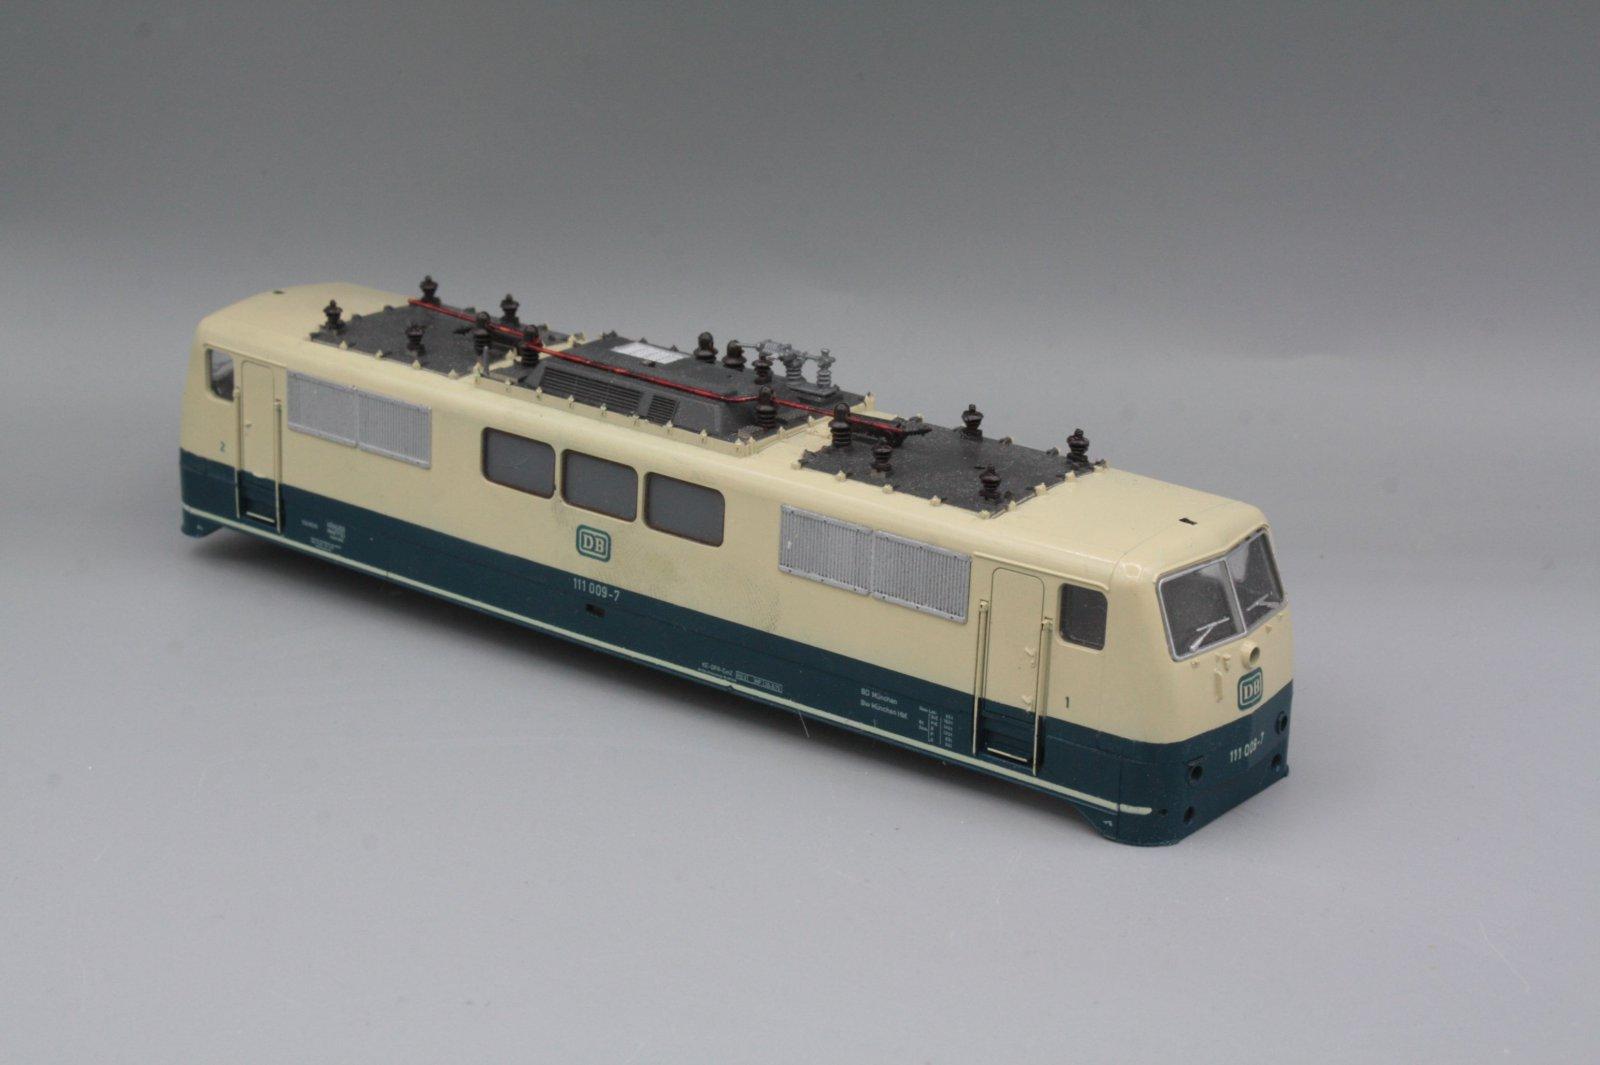 Ersatzteil Roco 111 009-7 Gehäuse blau / beige mit Fehlern